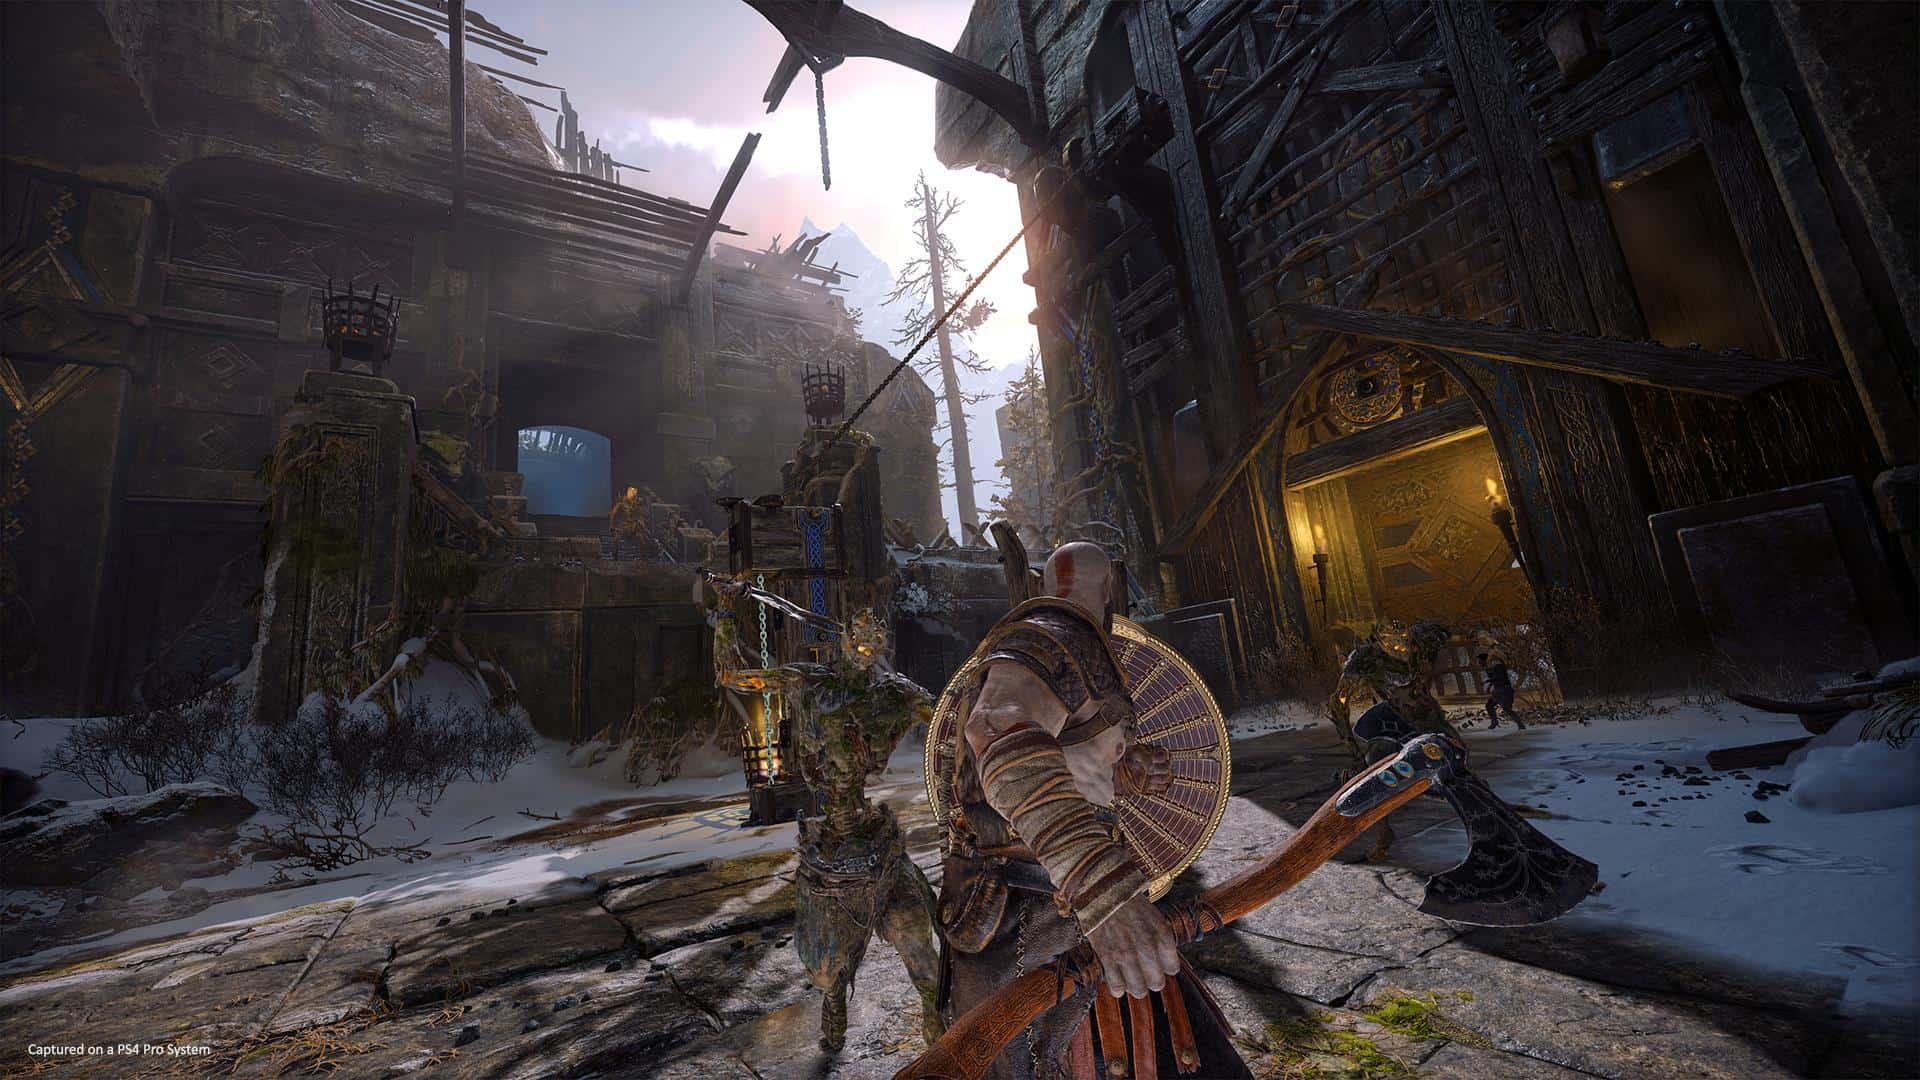 God Of War Frei Herunterladen Download Pc Spiele Fur Frei